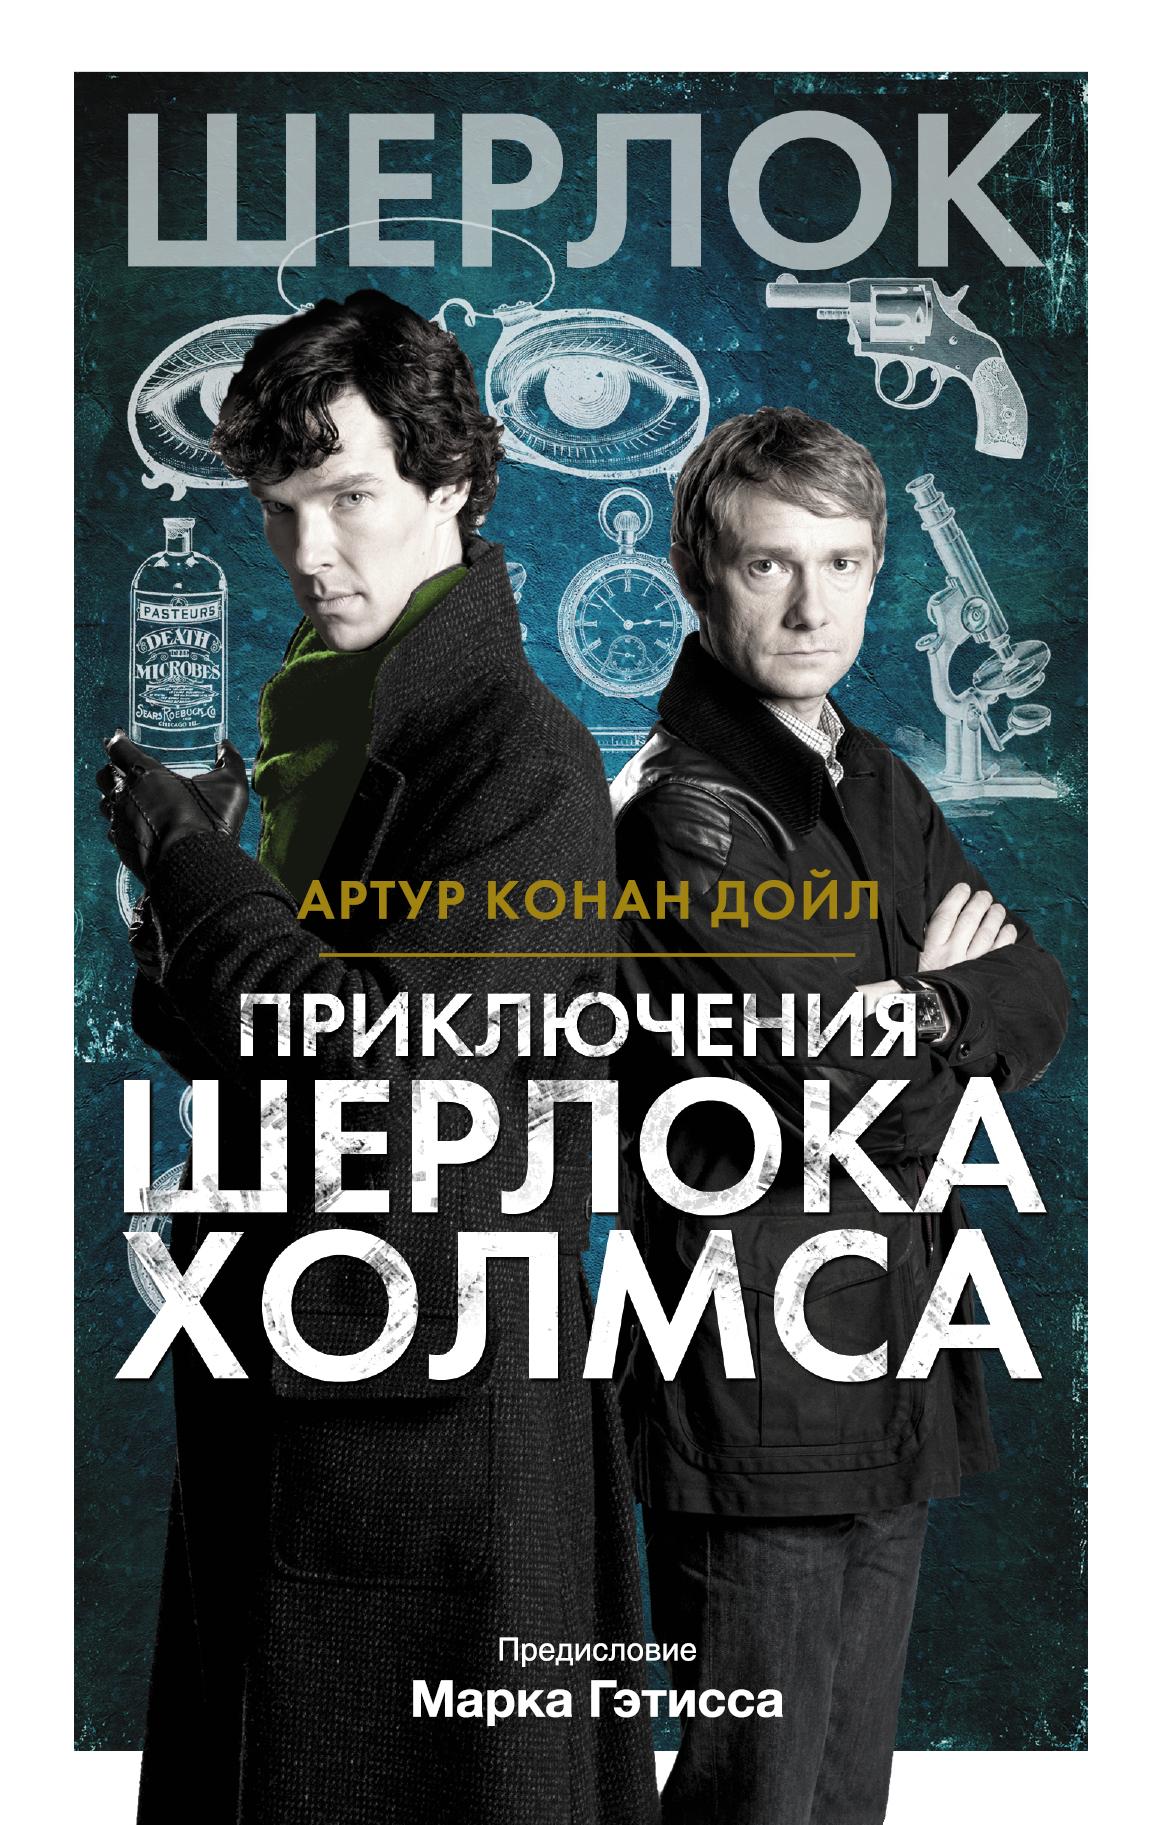 Дойл А.К. Приключения Шерлока Холмса что нужно чтобы увиличить лошадиные силы в стрит рей серах